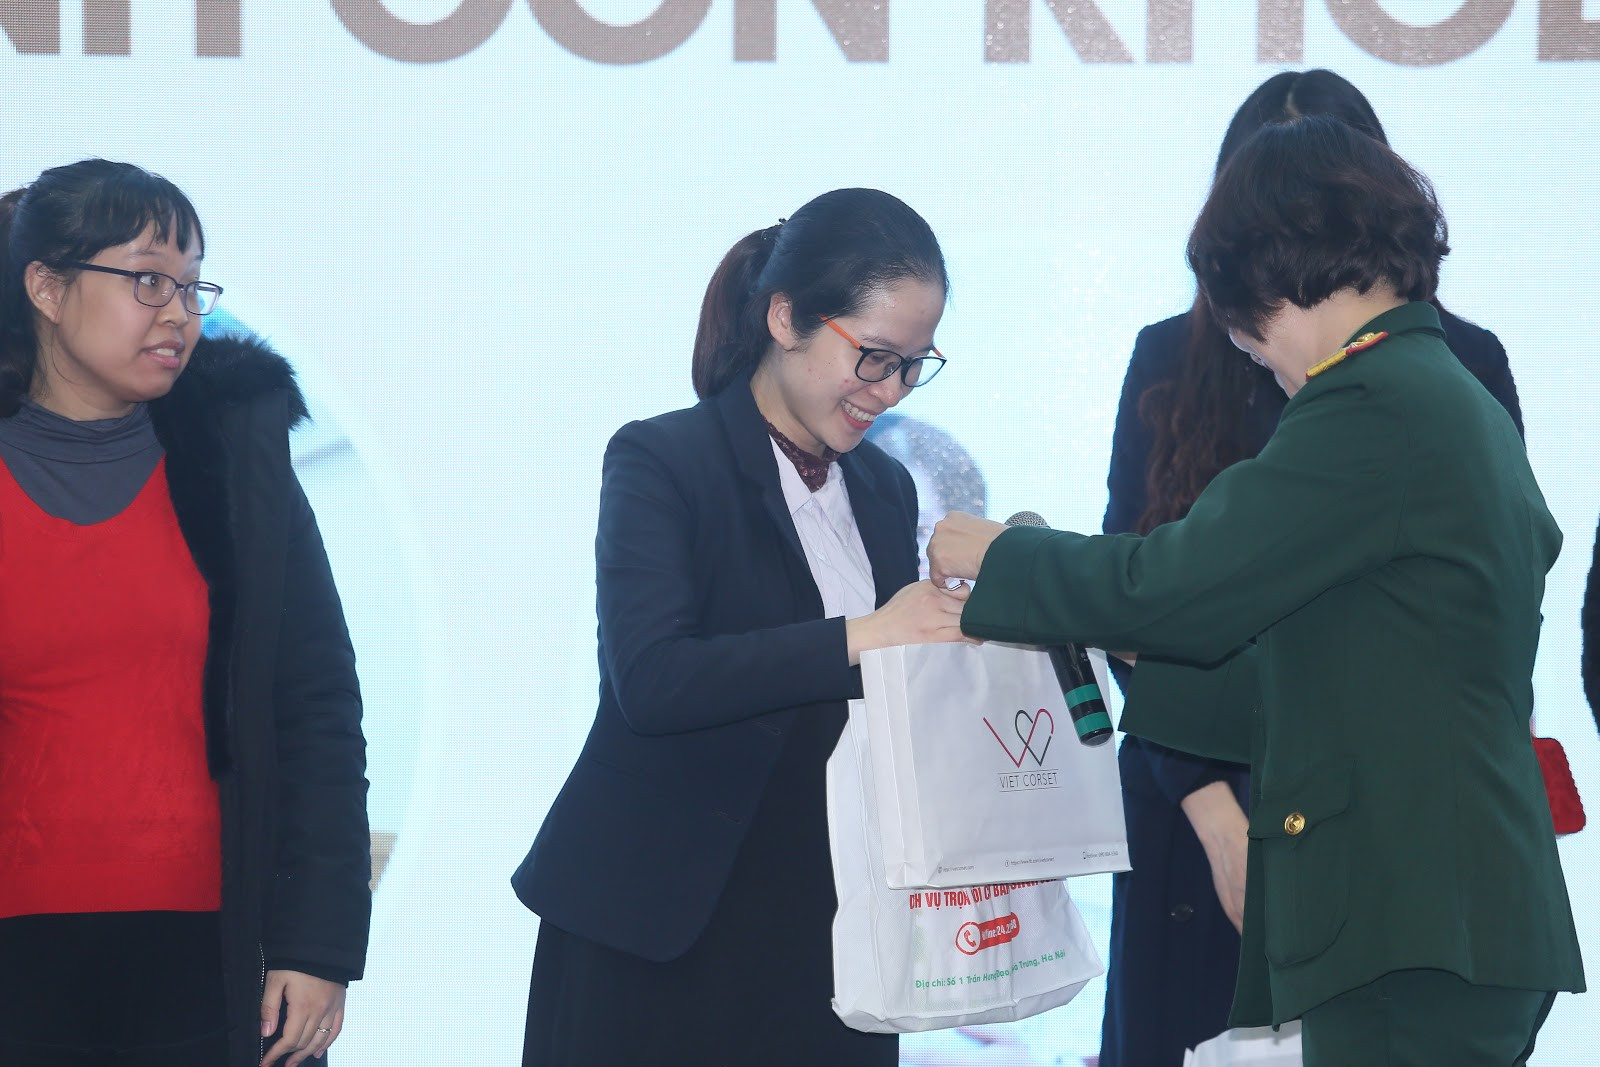 Latex giảm eo made in Việt Nam được giới thiệu hoành tráng tại hội nghị Bệnh viện TƯQĐ 108 - Ảnh 8.